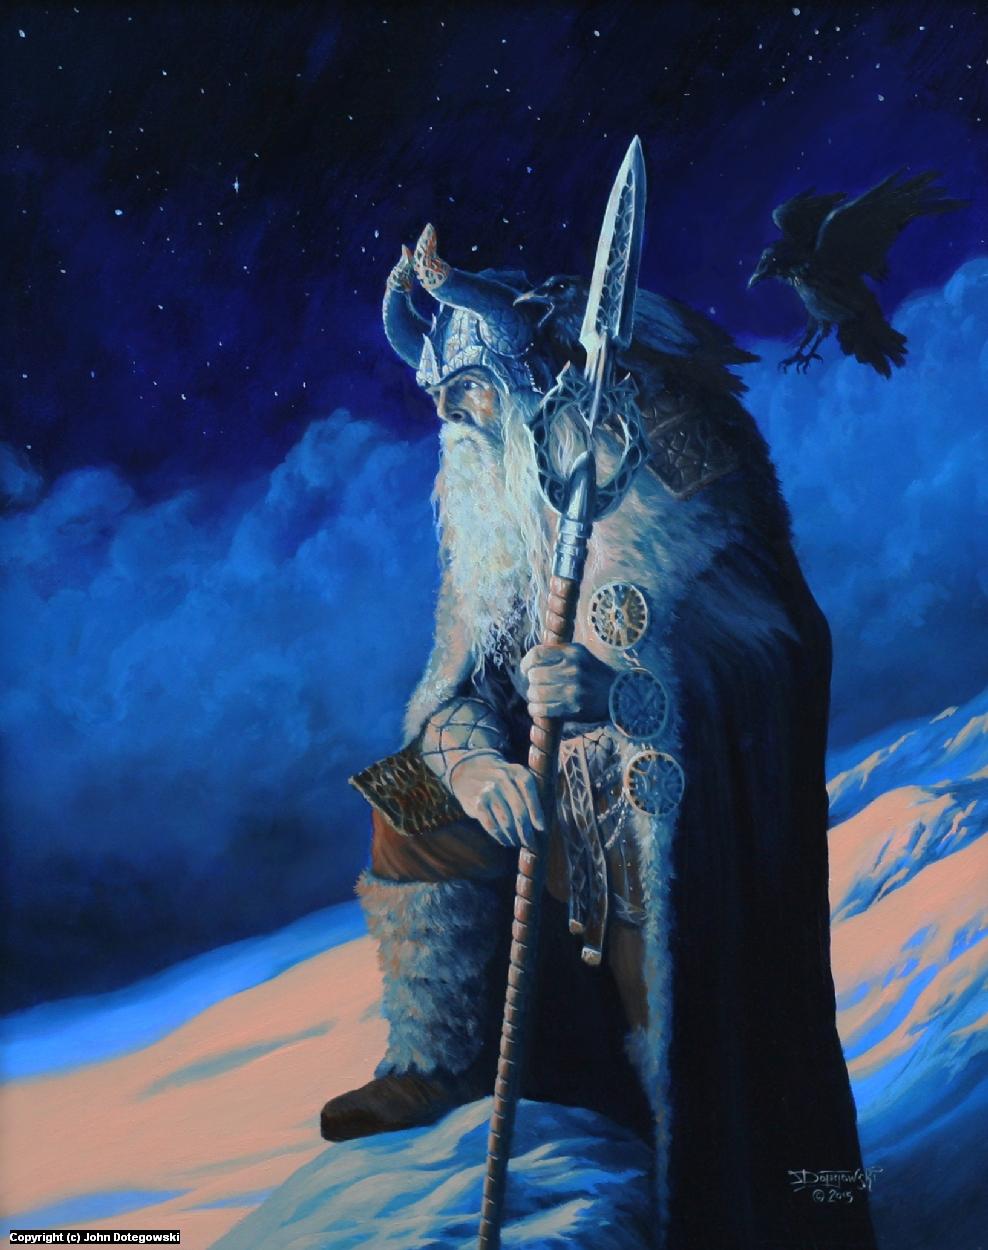 Odin Allfather Artwork by John Dotegowski